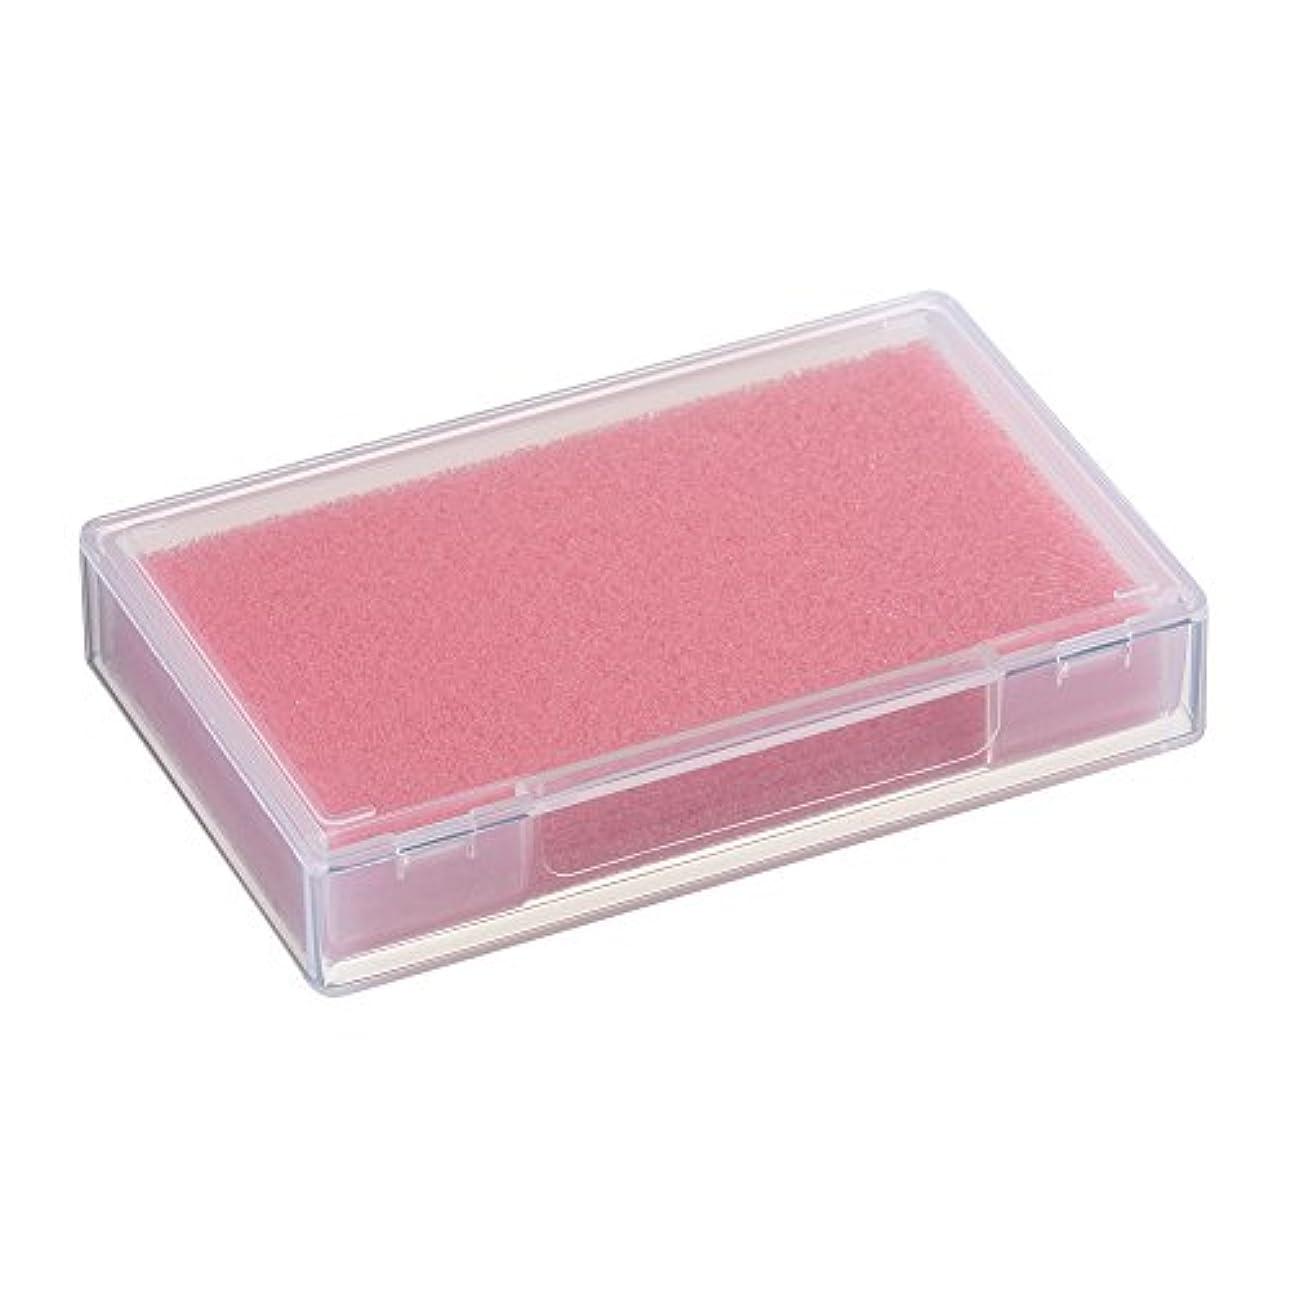 裁量いろいろ電極ネイルチップケース ピンク